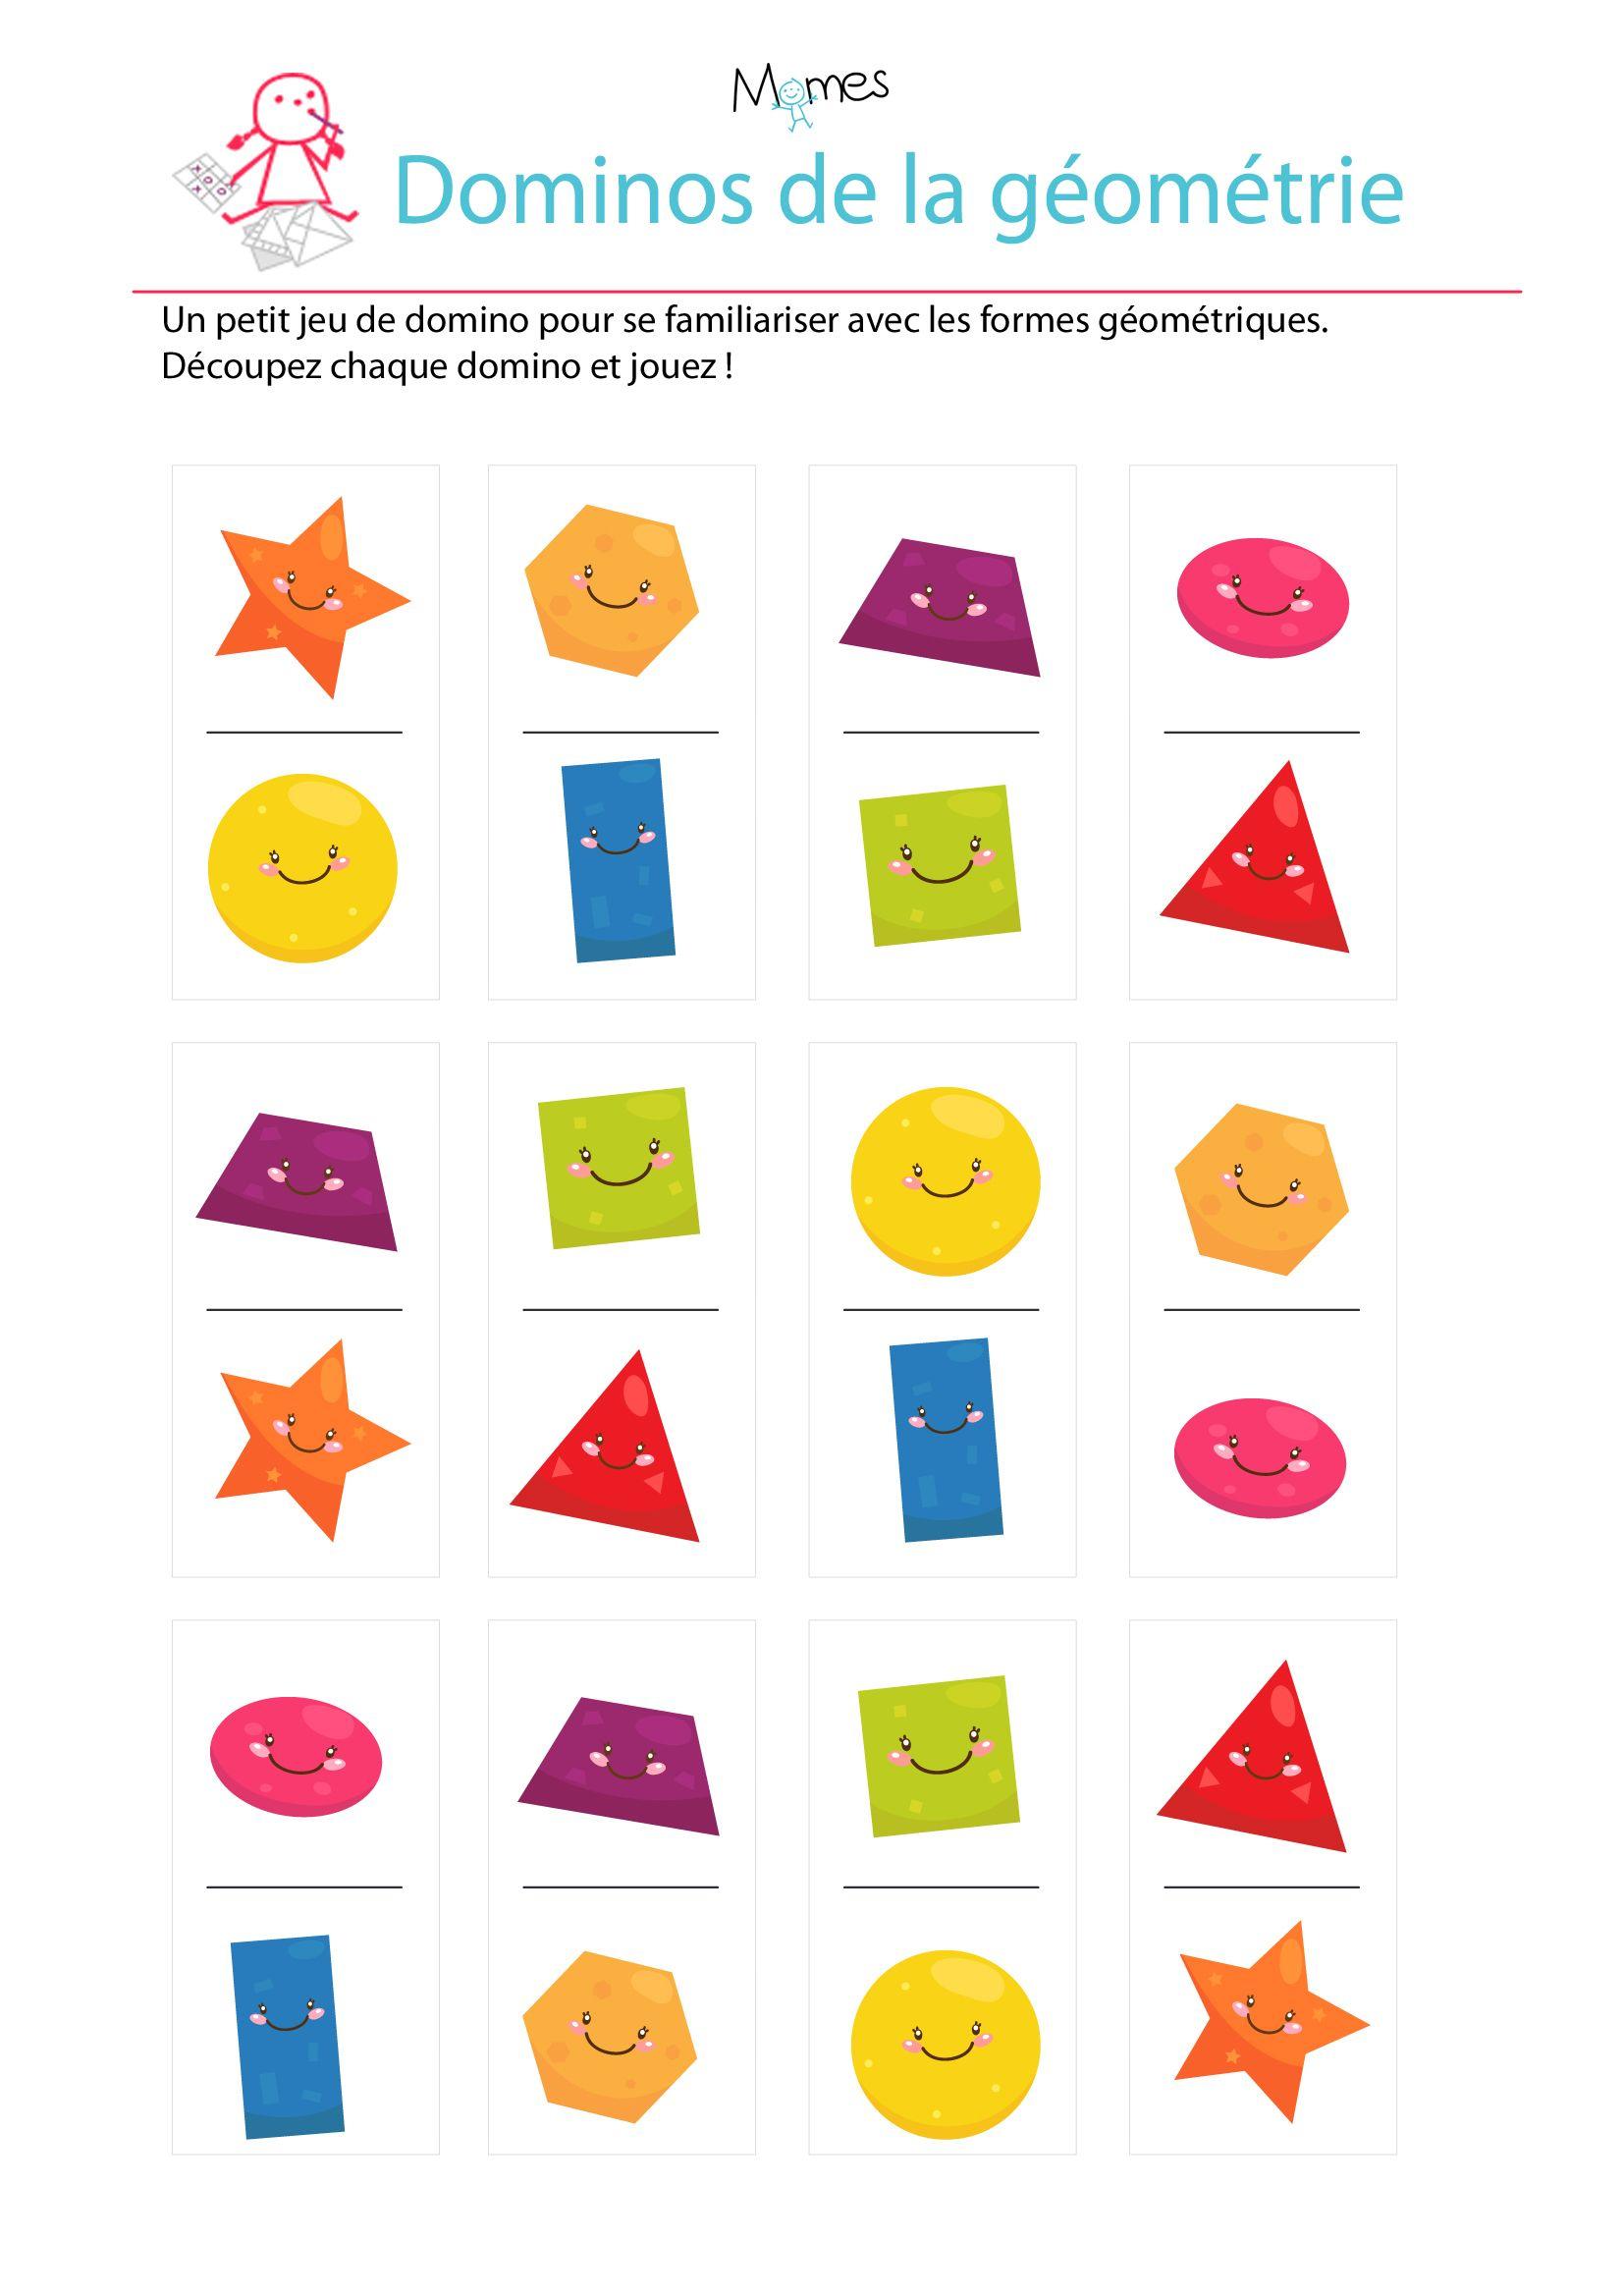 Jeu De Domino À Imprimer Sur Les Formes Géométriques tout Dominos À Imprimer